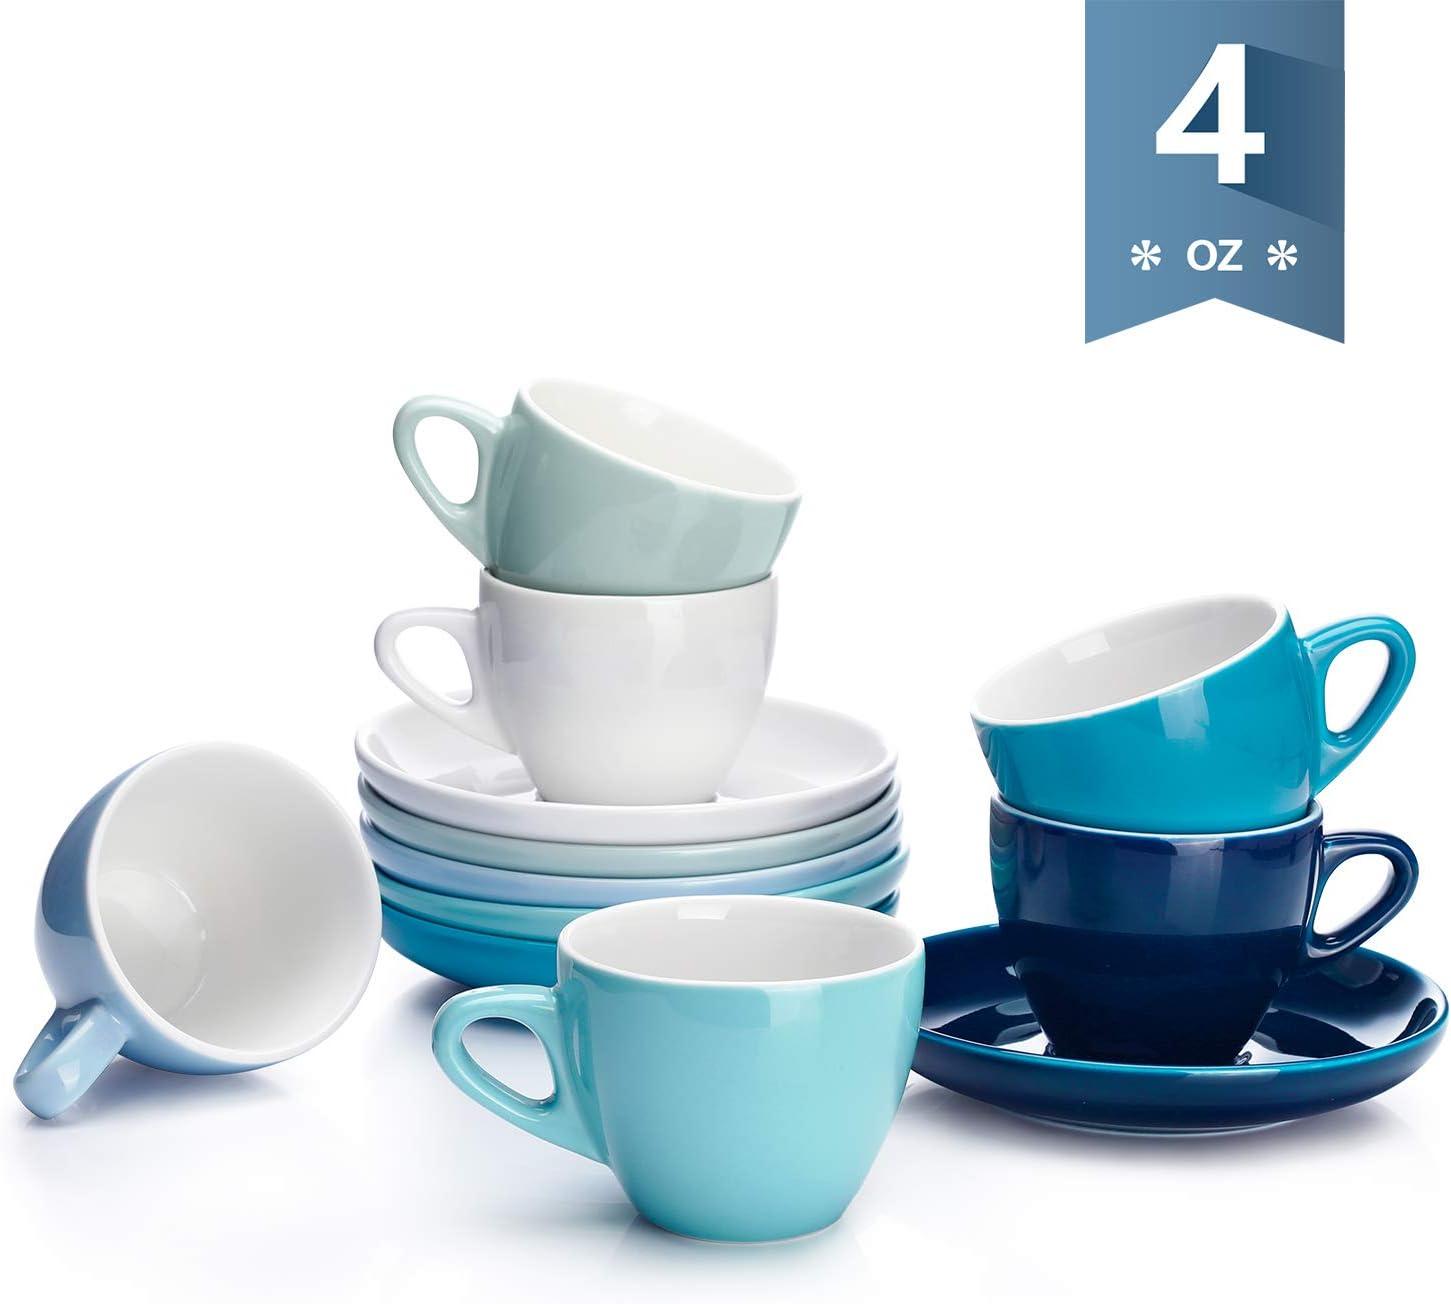 瓷杯+杯垫12件套组合6人份